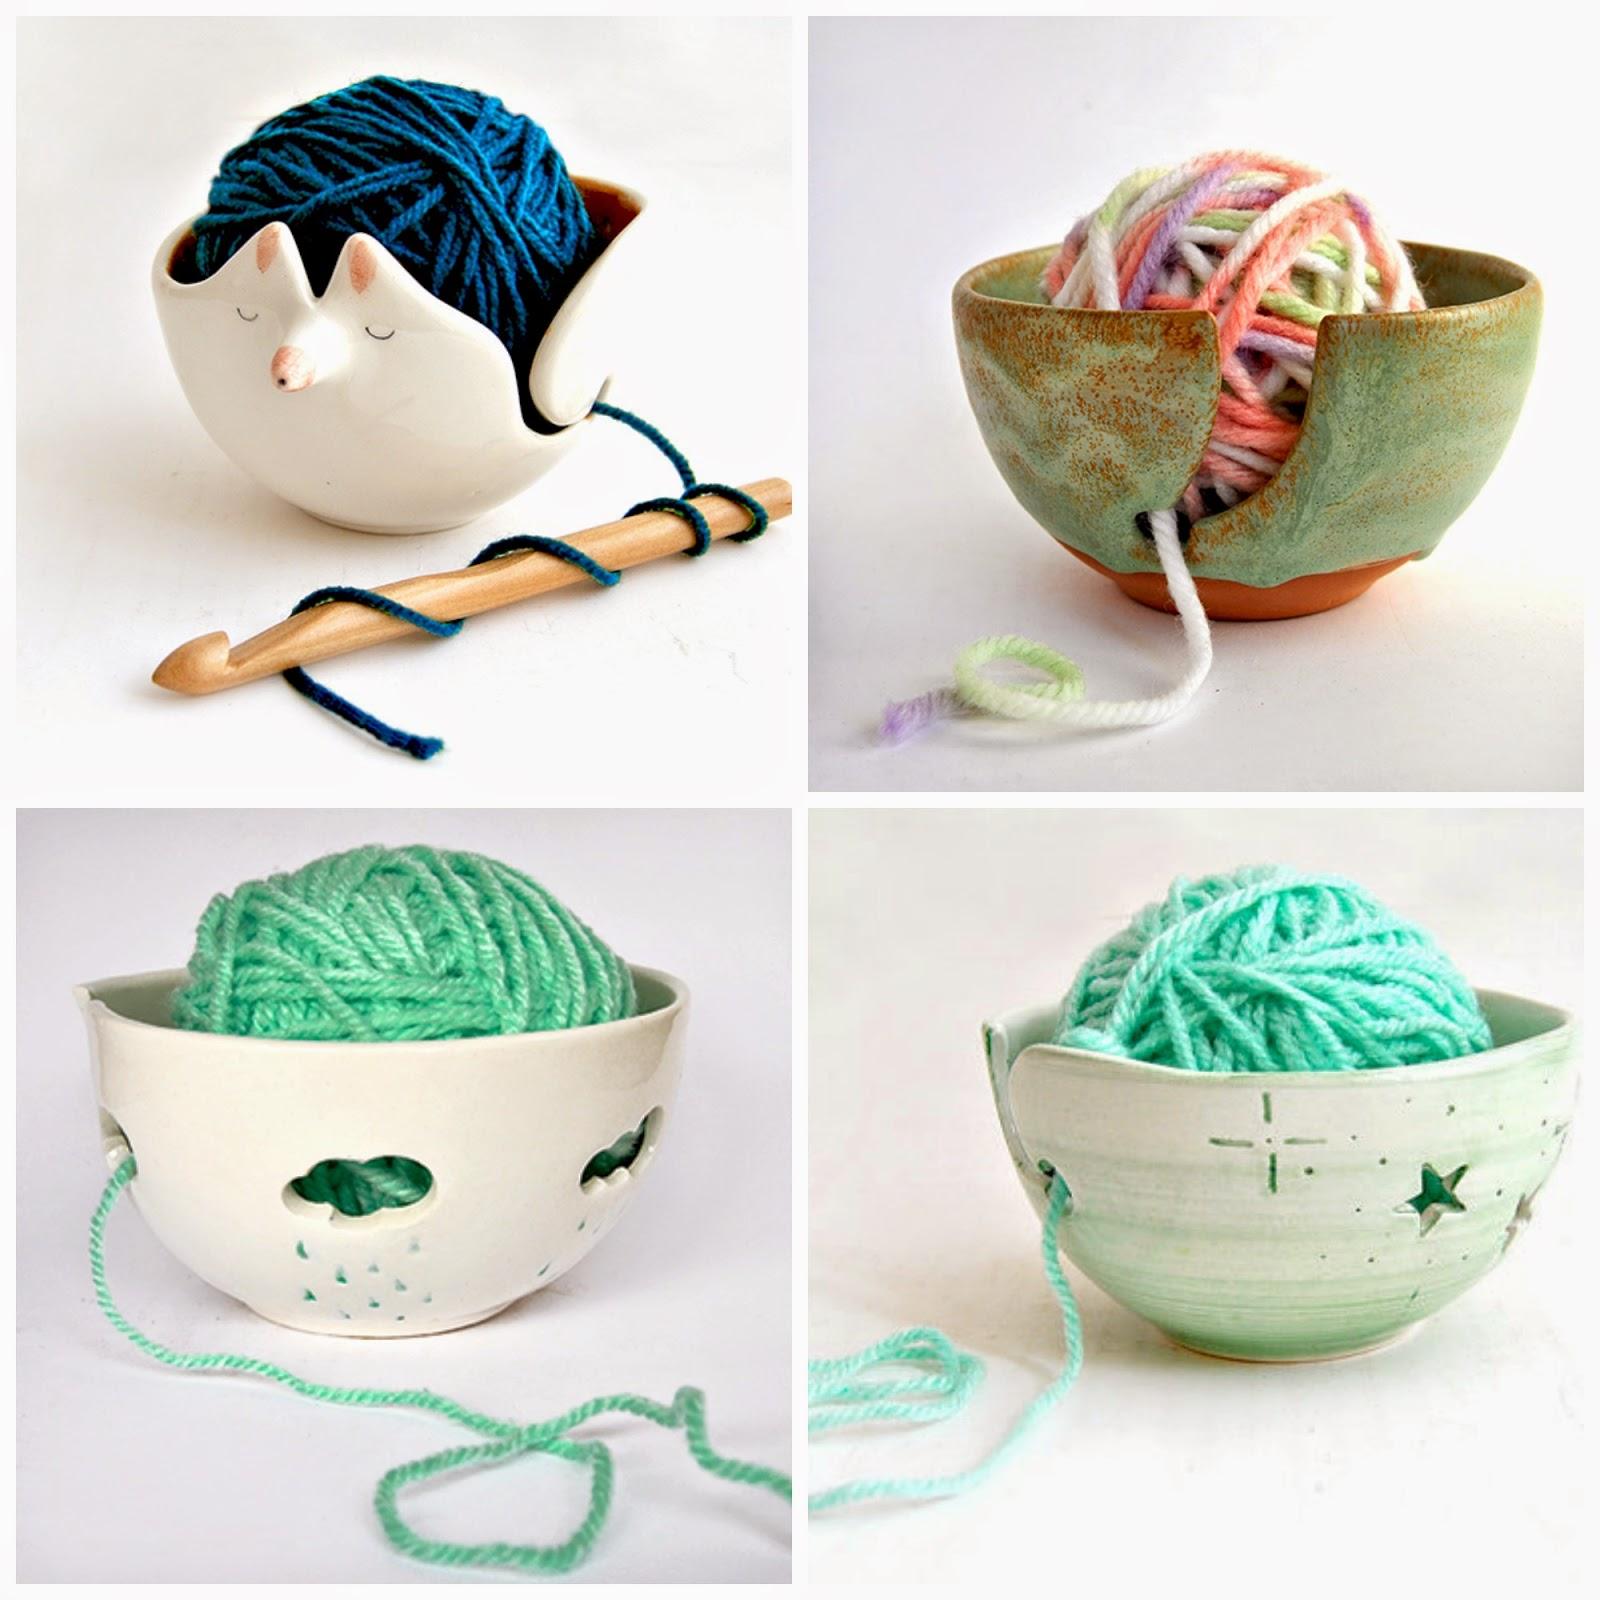 Barruntando cerámica cuenco lana